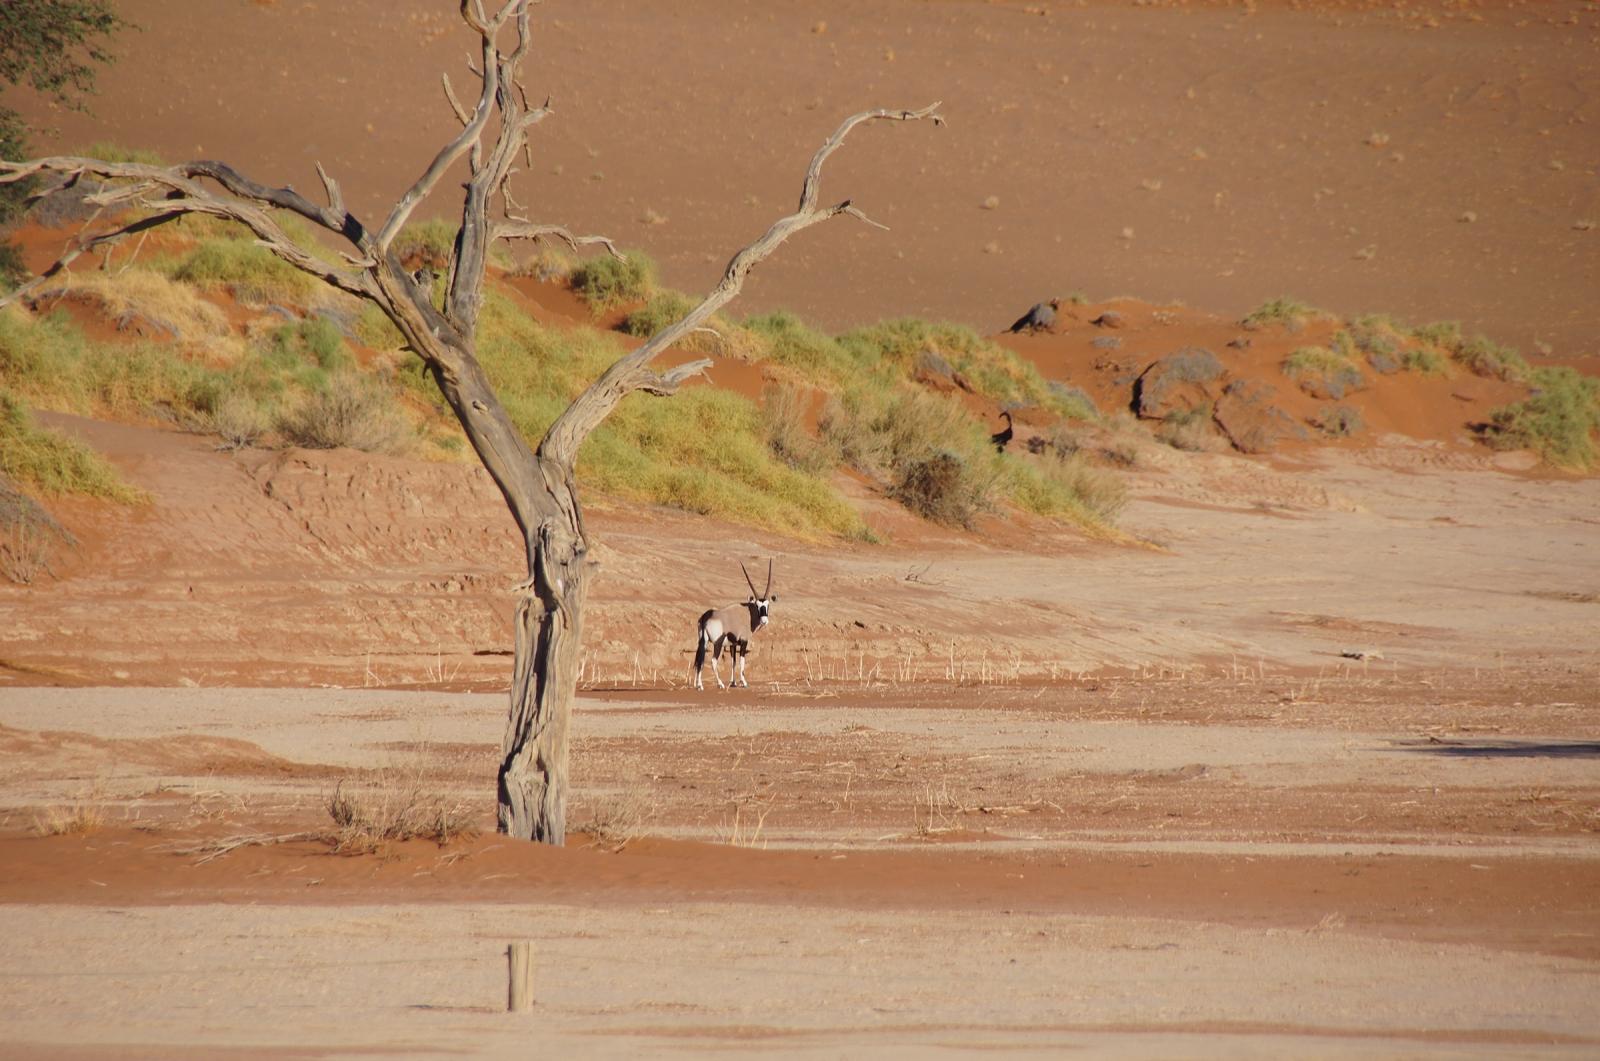 rainfall in desert